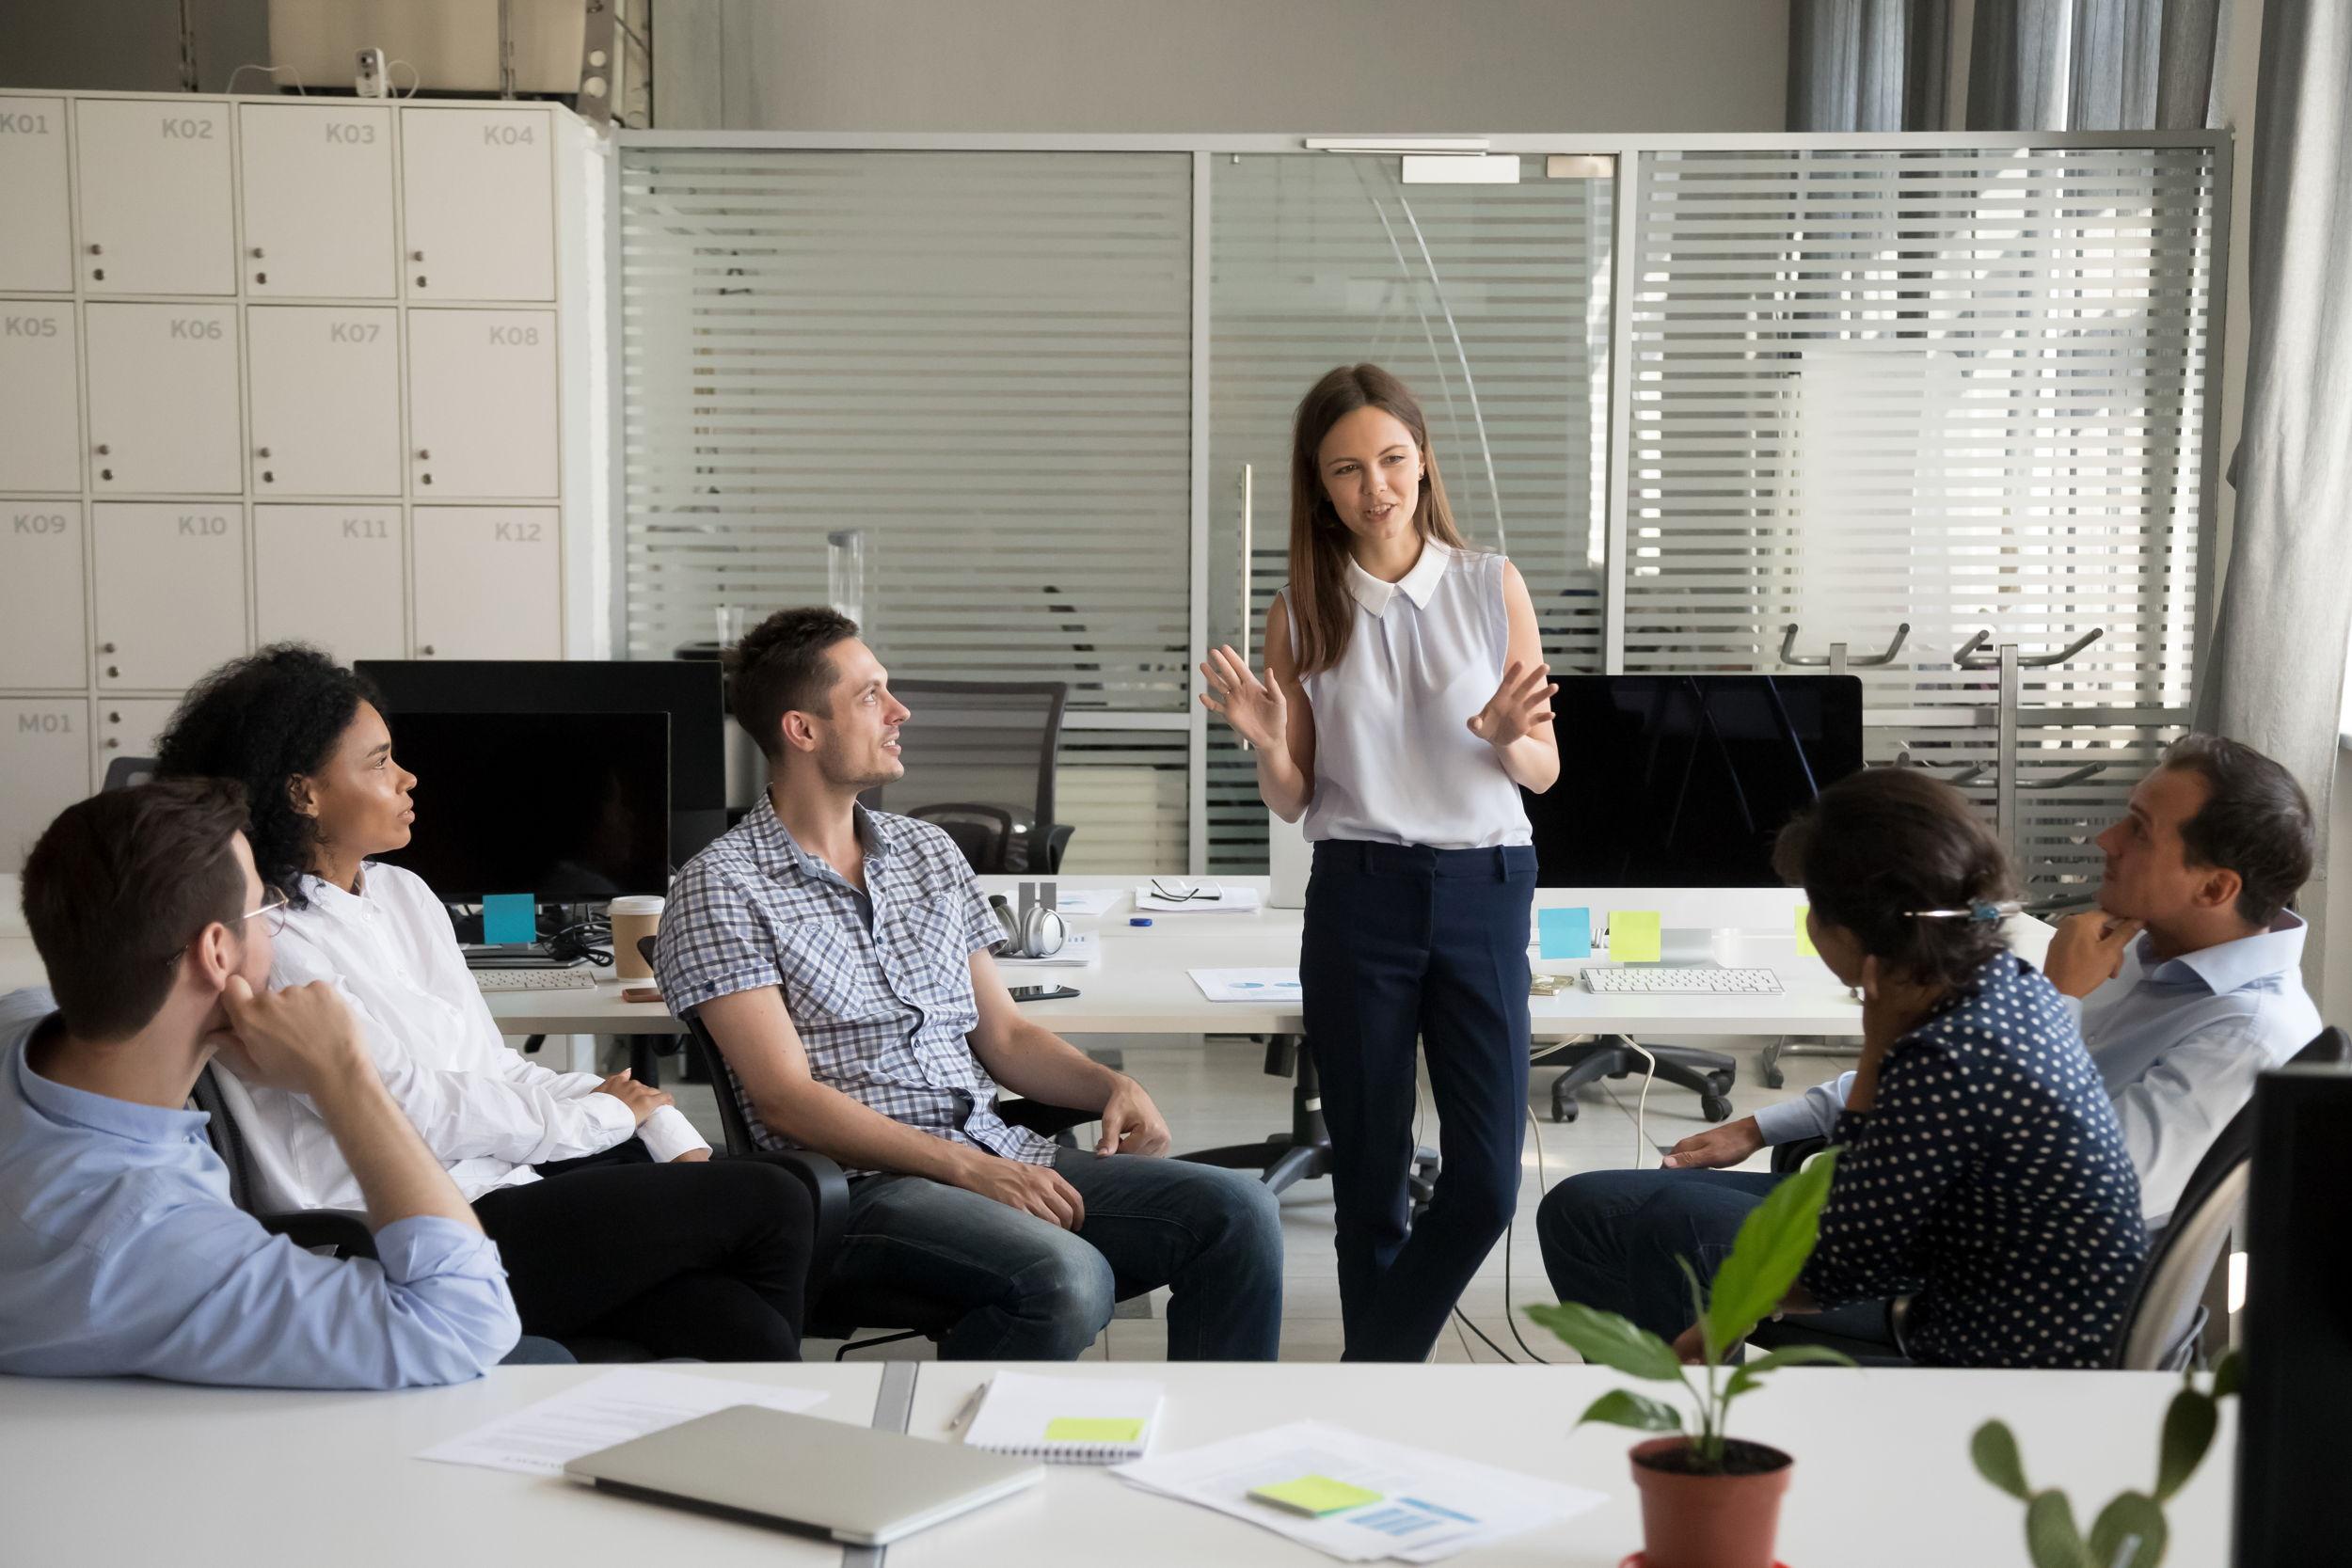 teacher burnout l avoiding teacher burnout l how to avoid teacher burnout